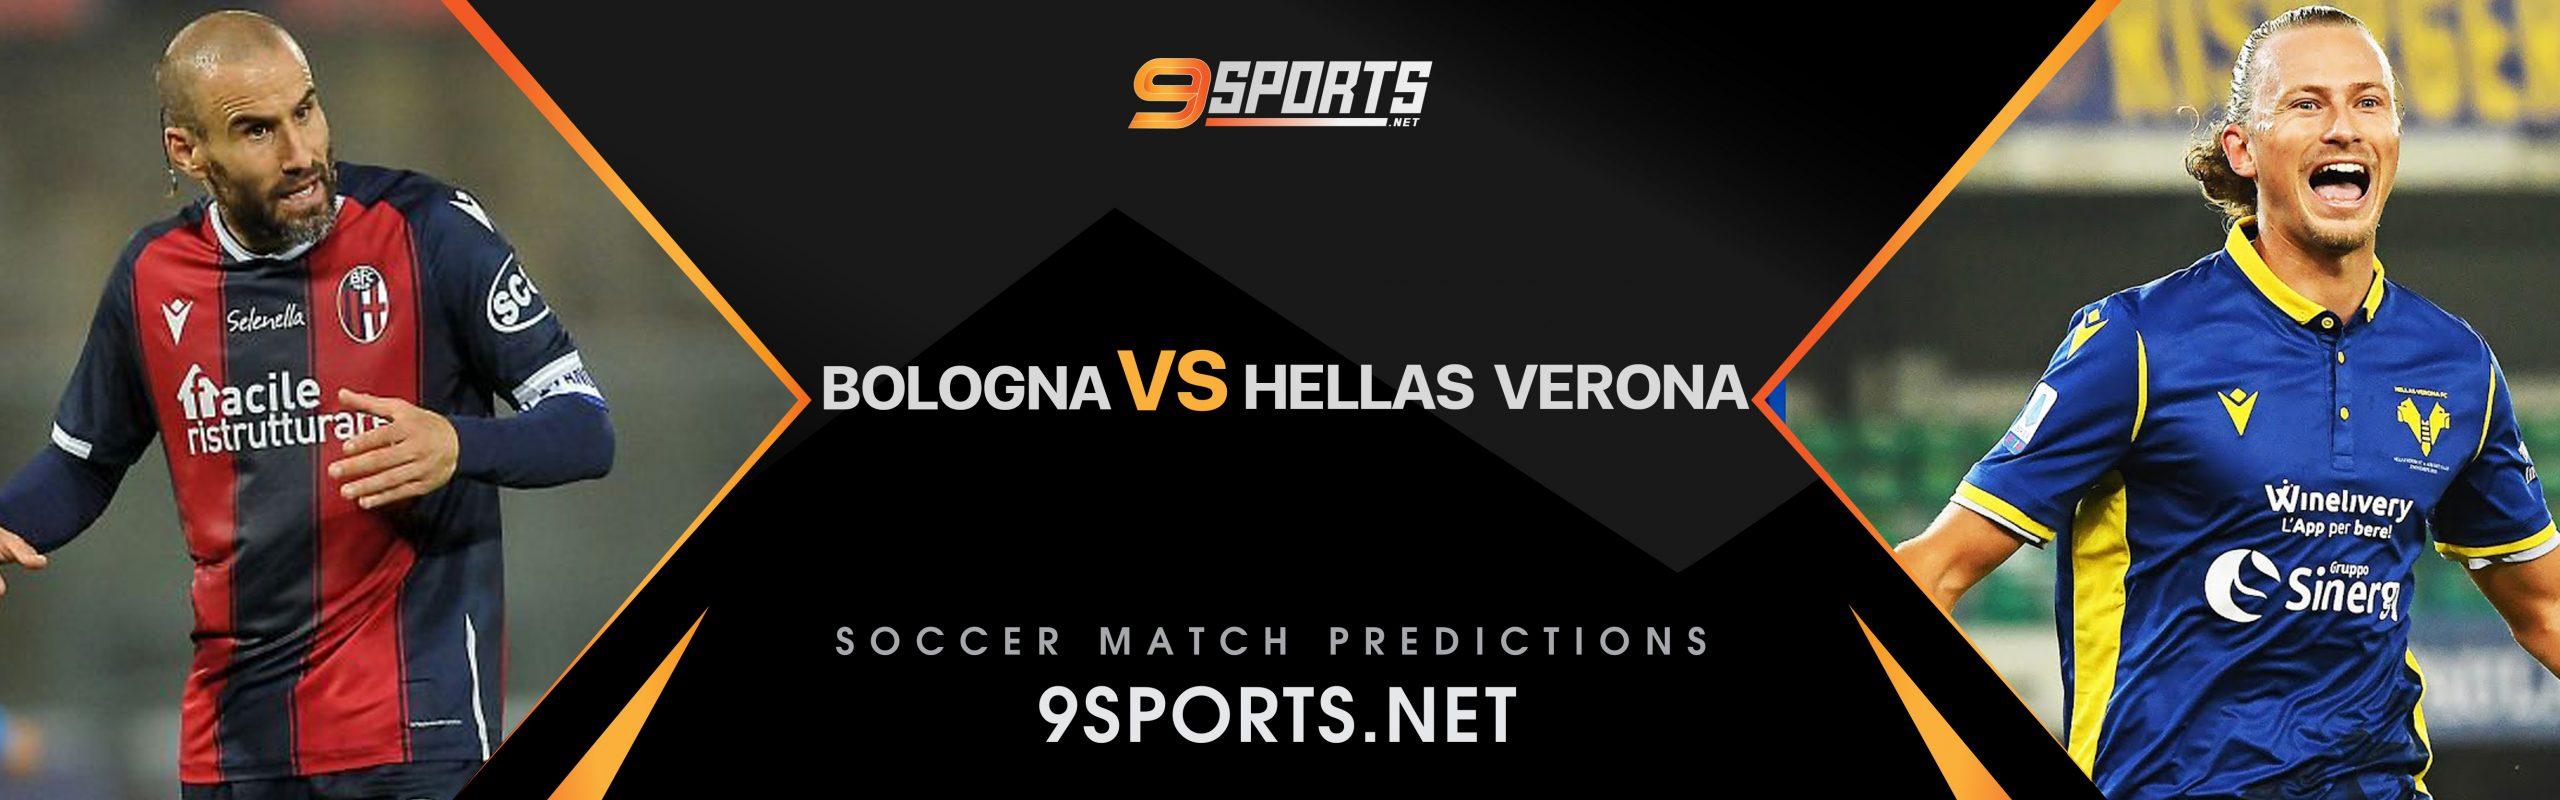 ทีเด็ดวิเคราะห์บอล 9Sports กัลโช่ เซเรียอา โบโลญญ่า VS เฮลลาส เวโรน่า